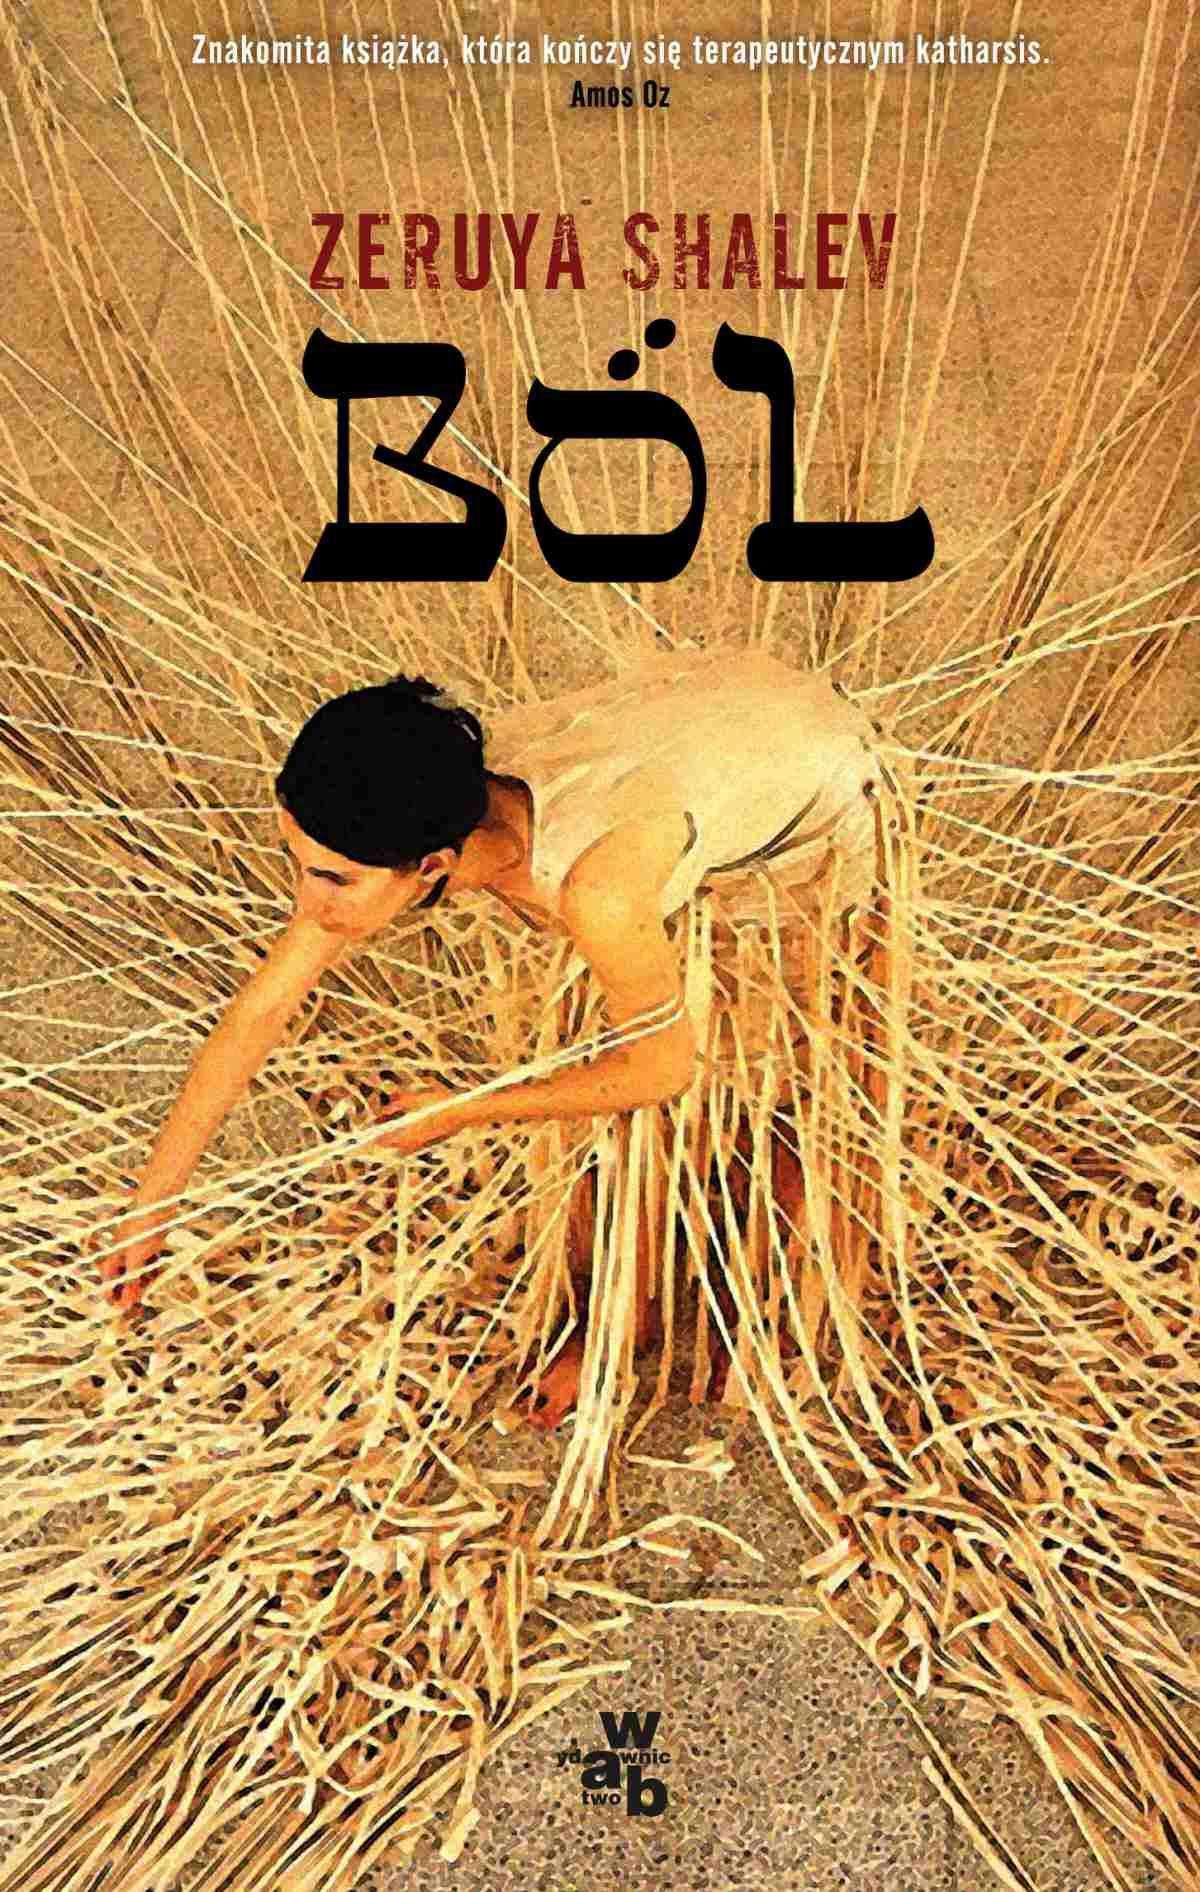 Ból - Ebook (Książka EPUB) do pobrania w formacie EPUB